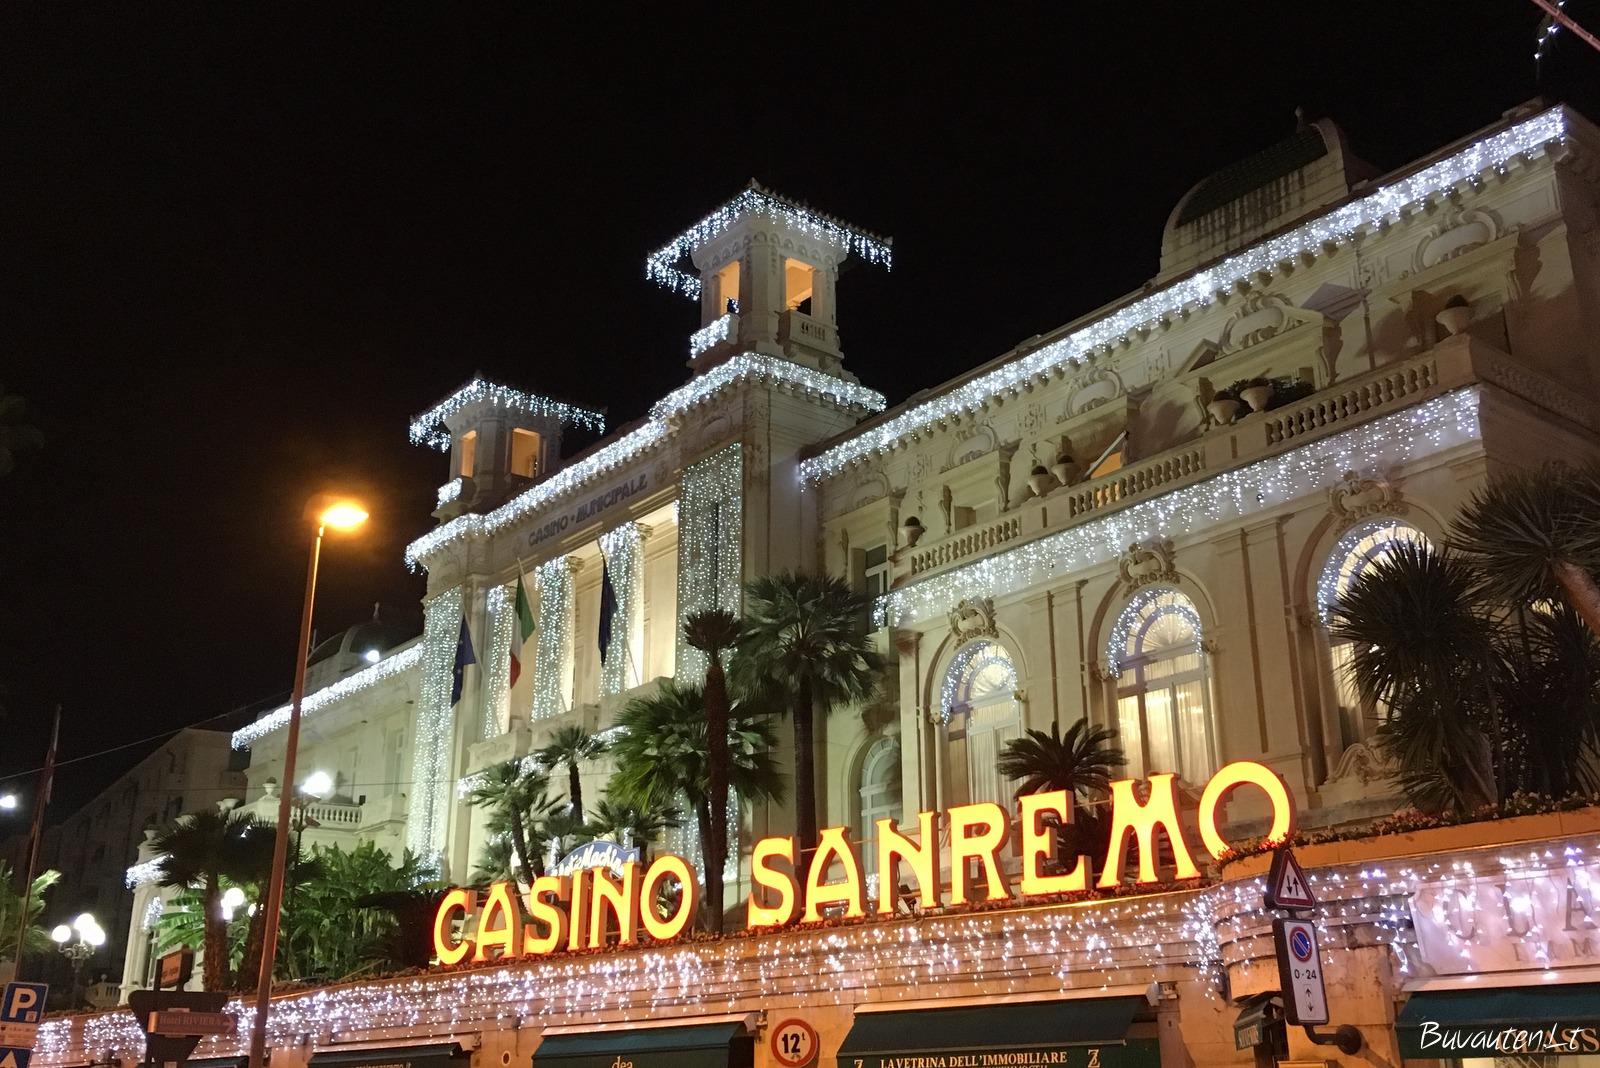 Sanremo kazino